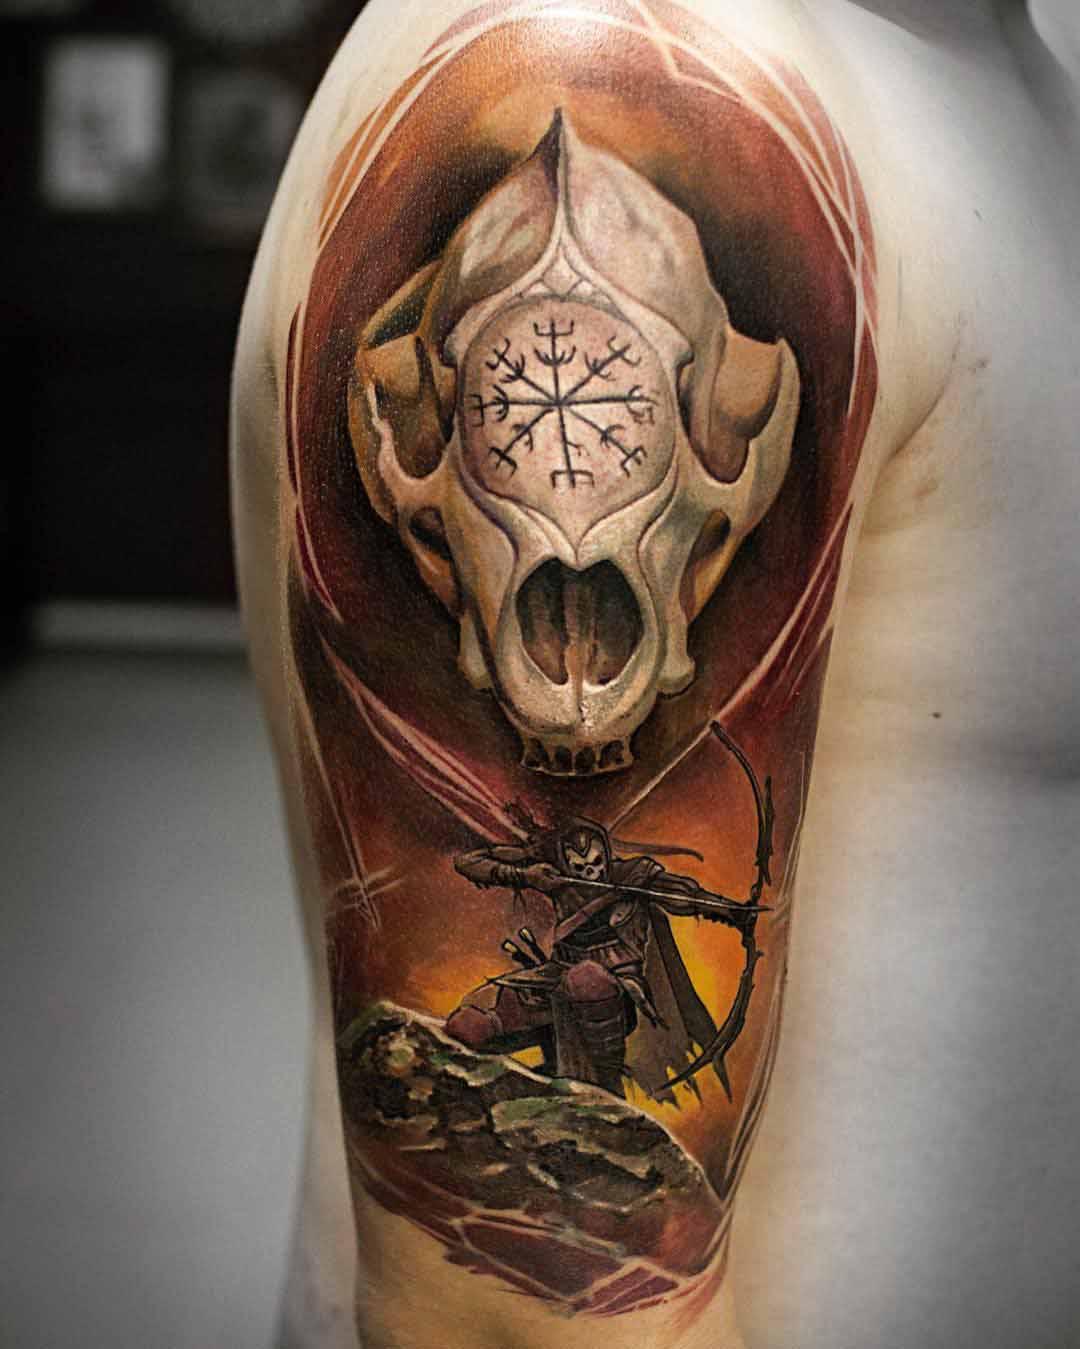 cool fantasy tattoo on shoulder